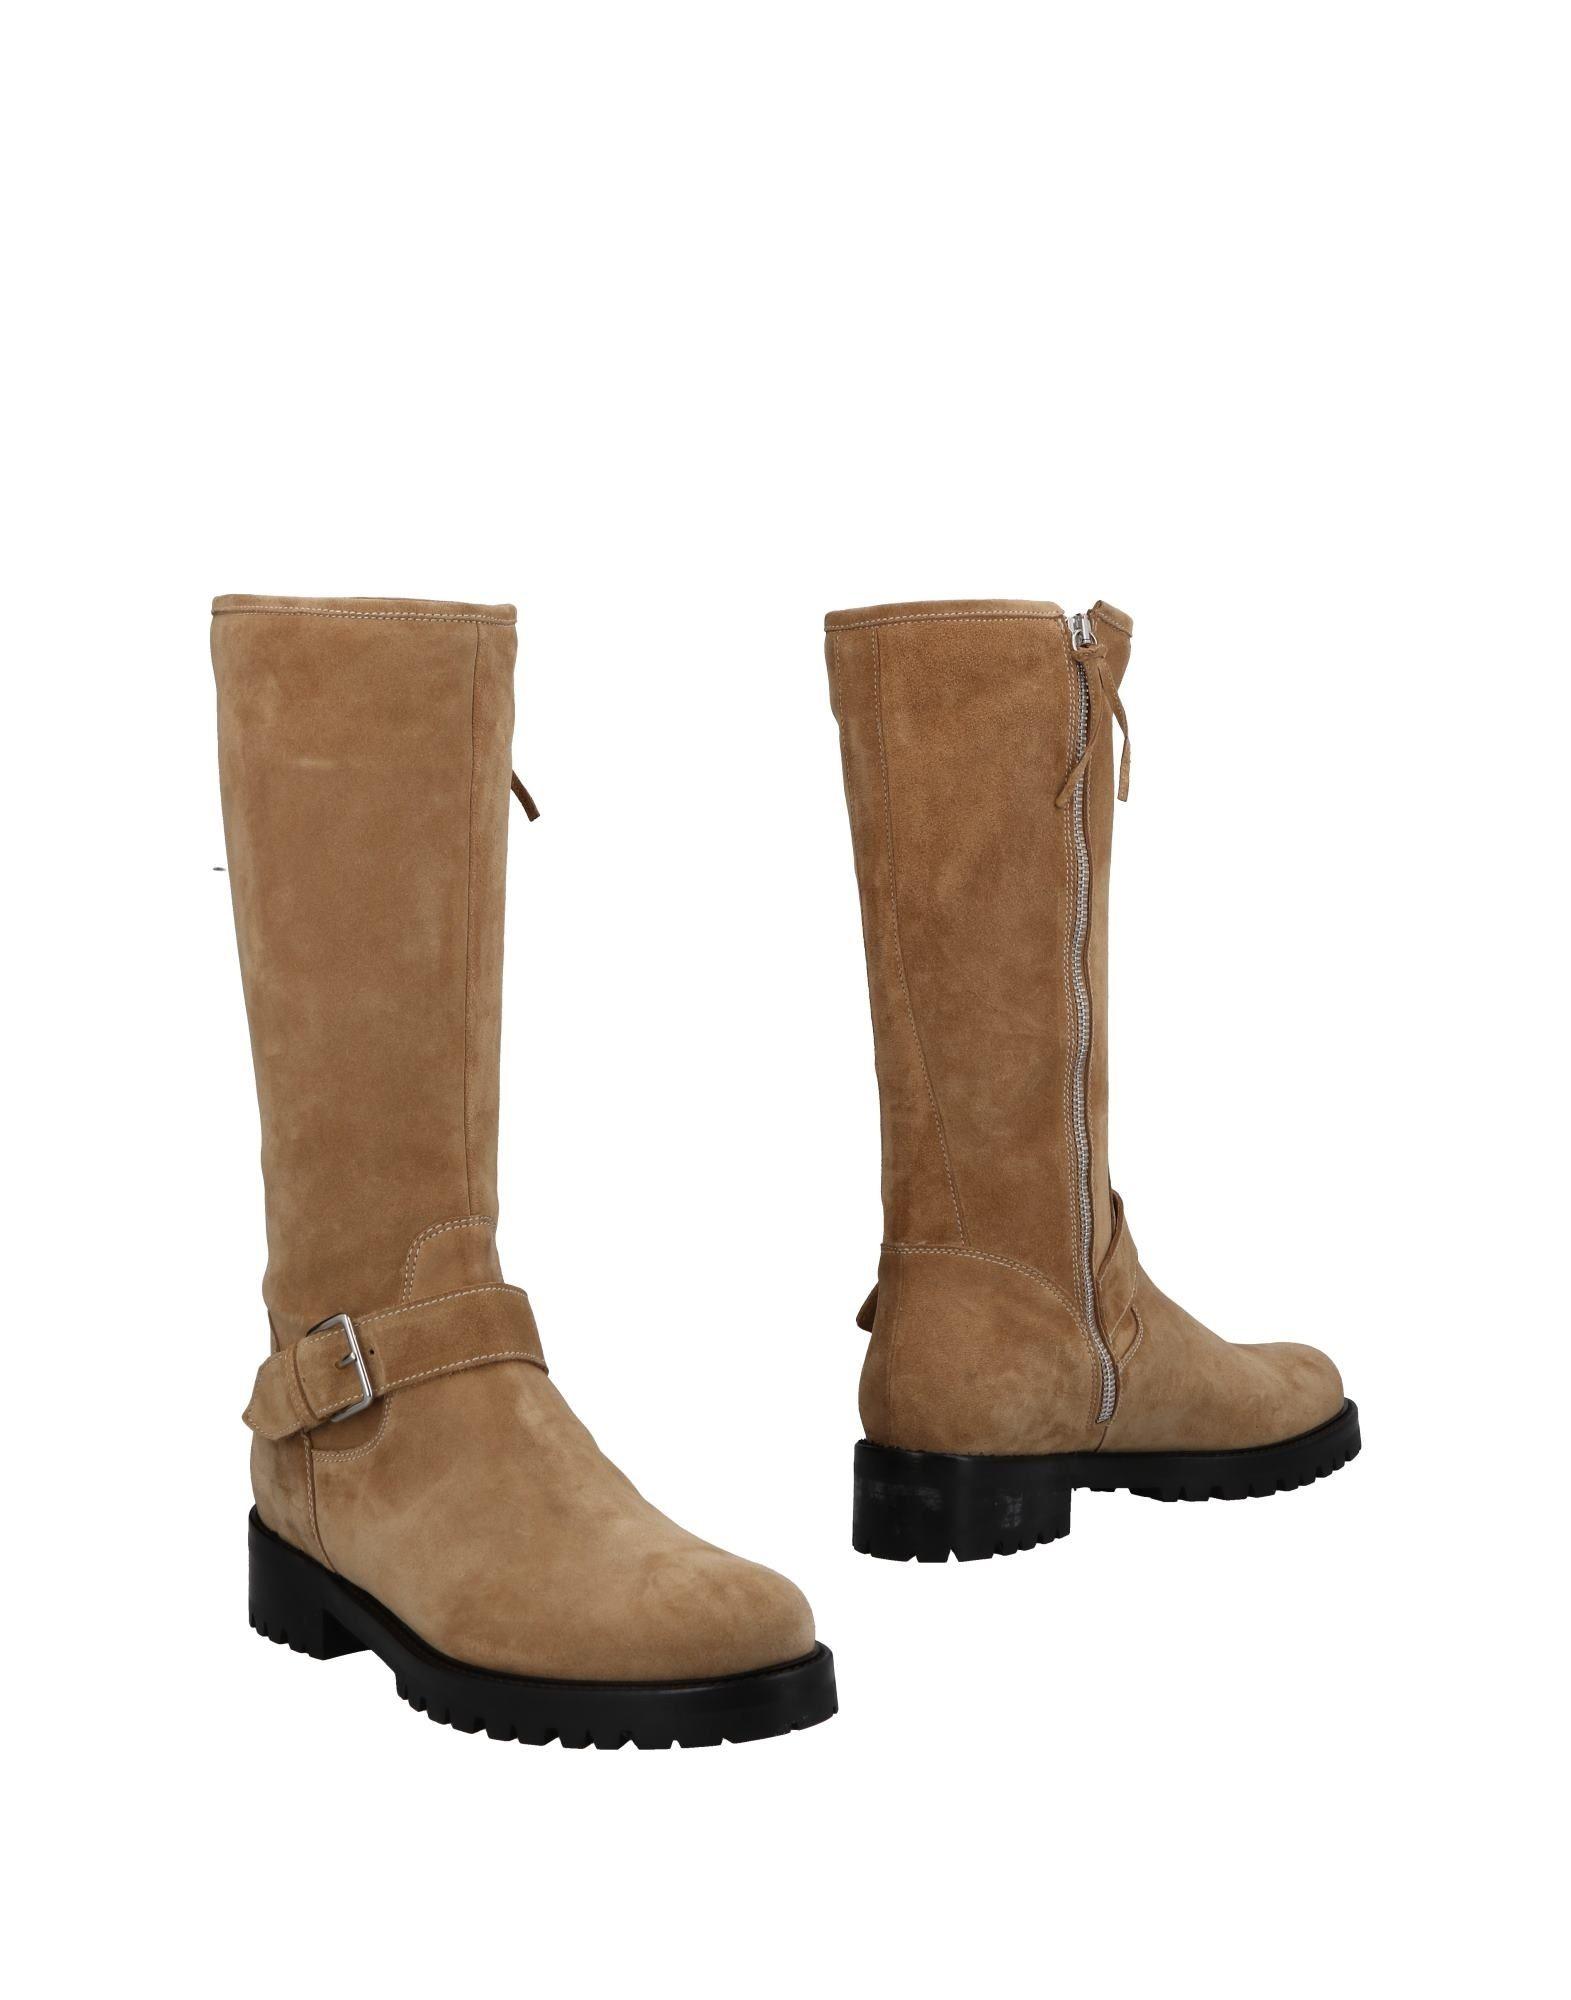 Haltbare Mode billige Schuhe Cavallini Stiefel Damen  11484090LP Heiße Schuhe